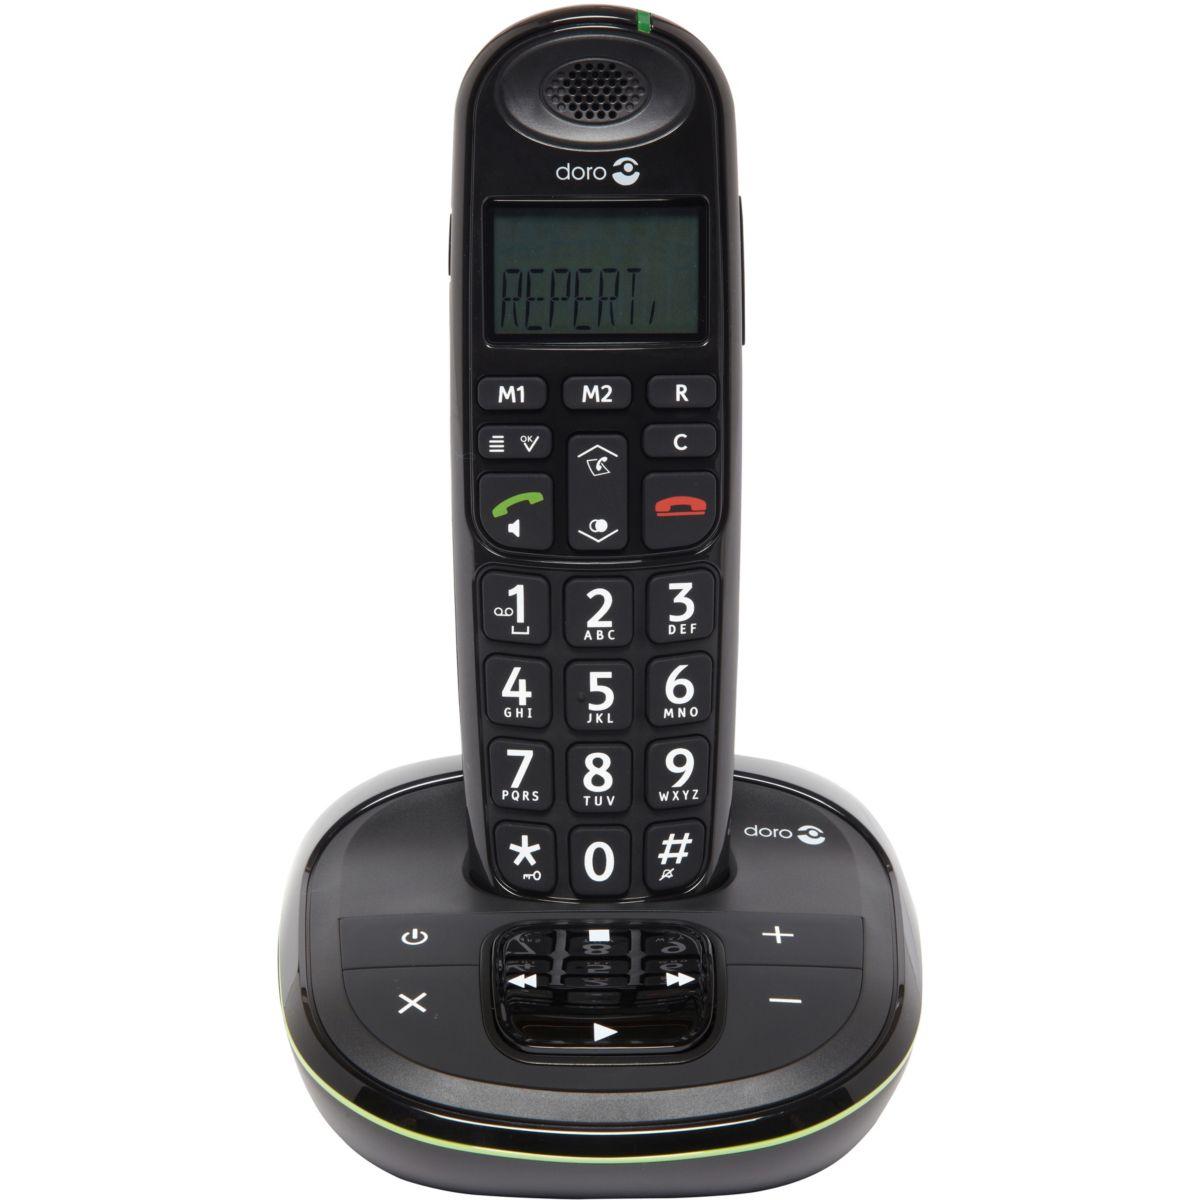 Téléphone répondeur sans fil doro phone easy 105 wr noir - 10% de remise immédiate avec le code : multi10 (photo)